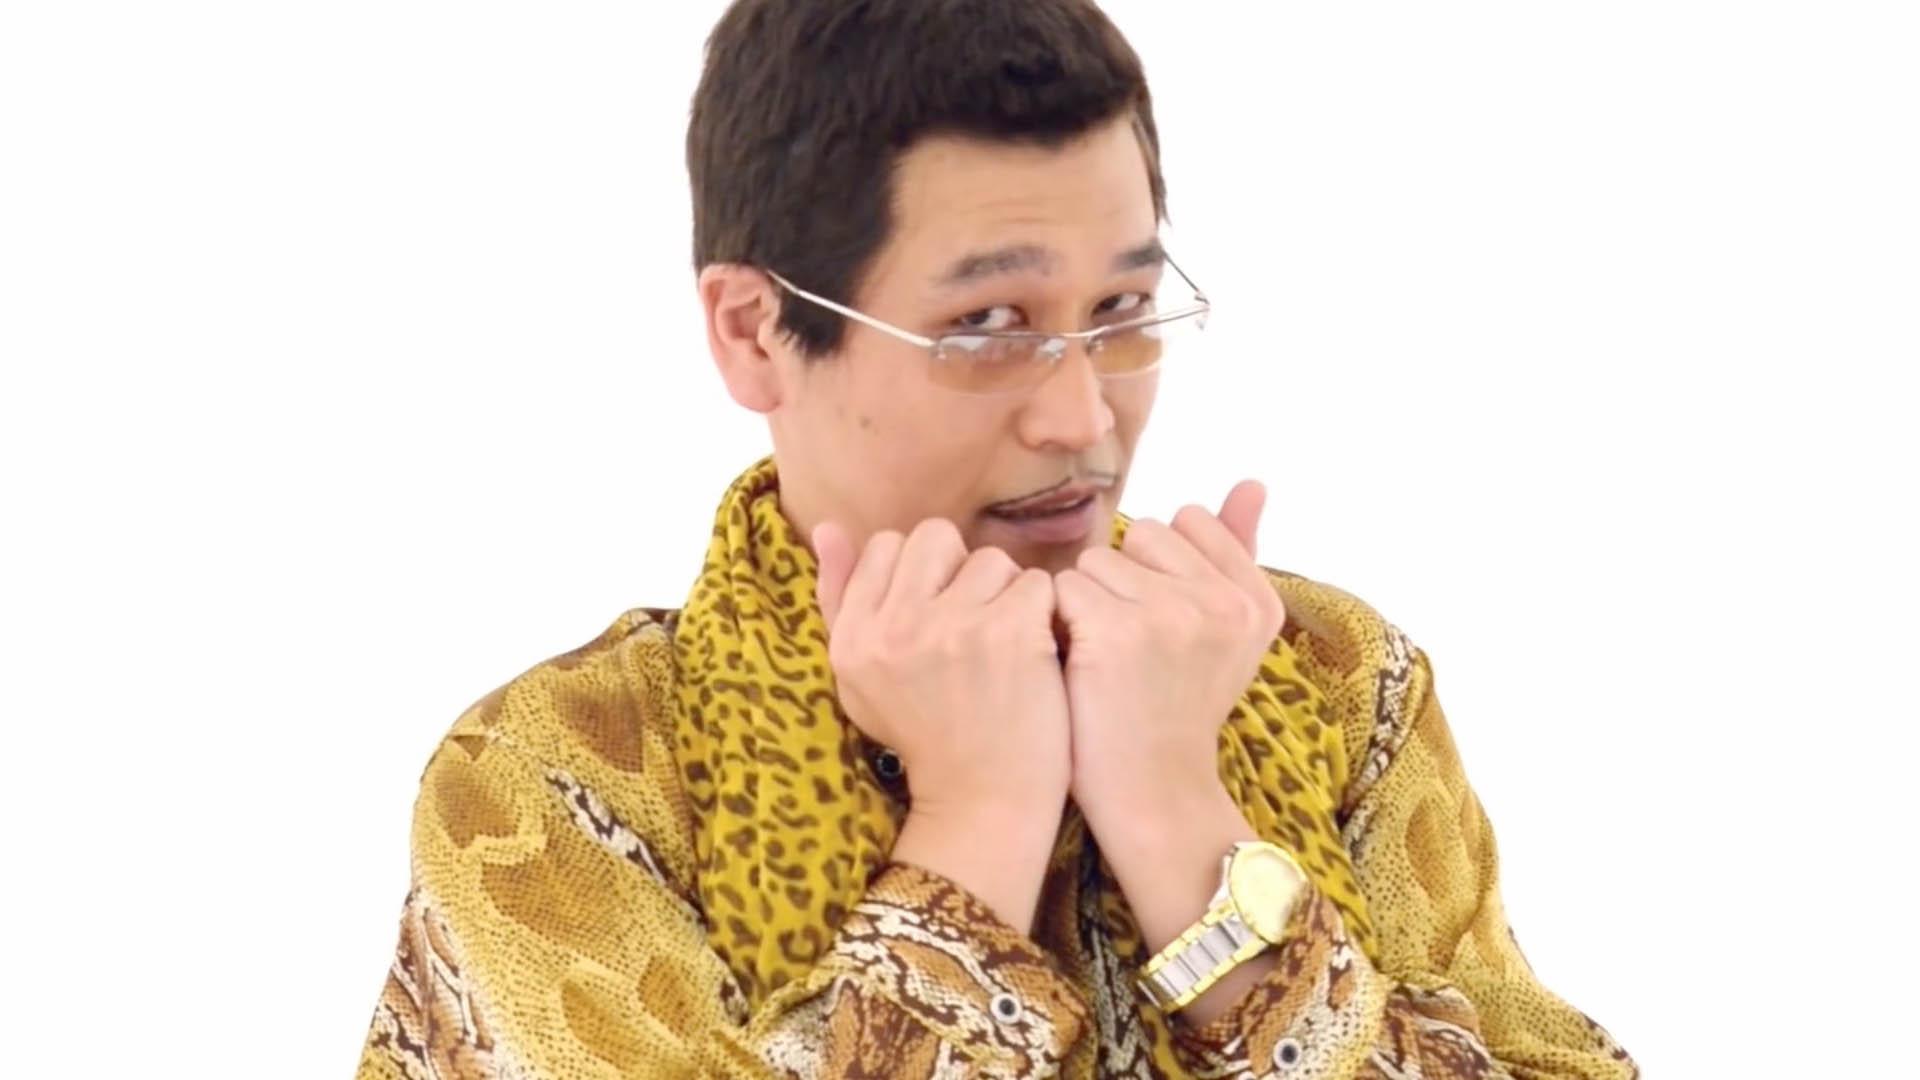 El éxito de Piko Taro se coronó como el tema más corto que consigue llegar a las listas de éxitos de Estados Unidos